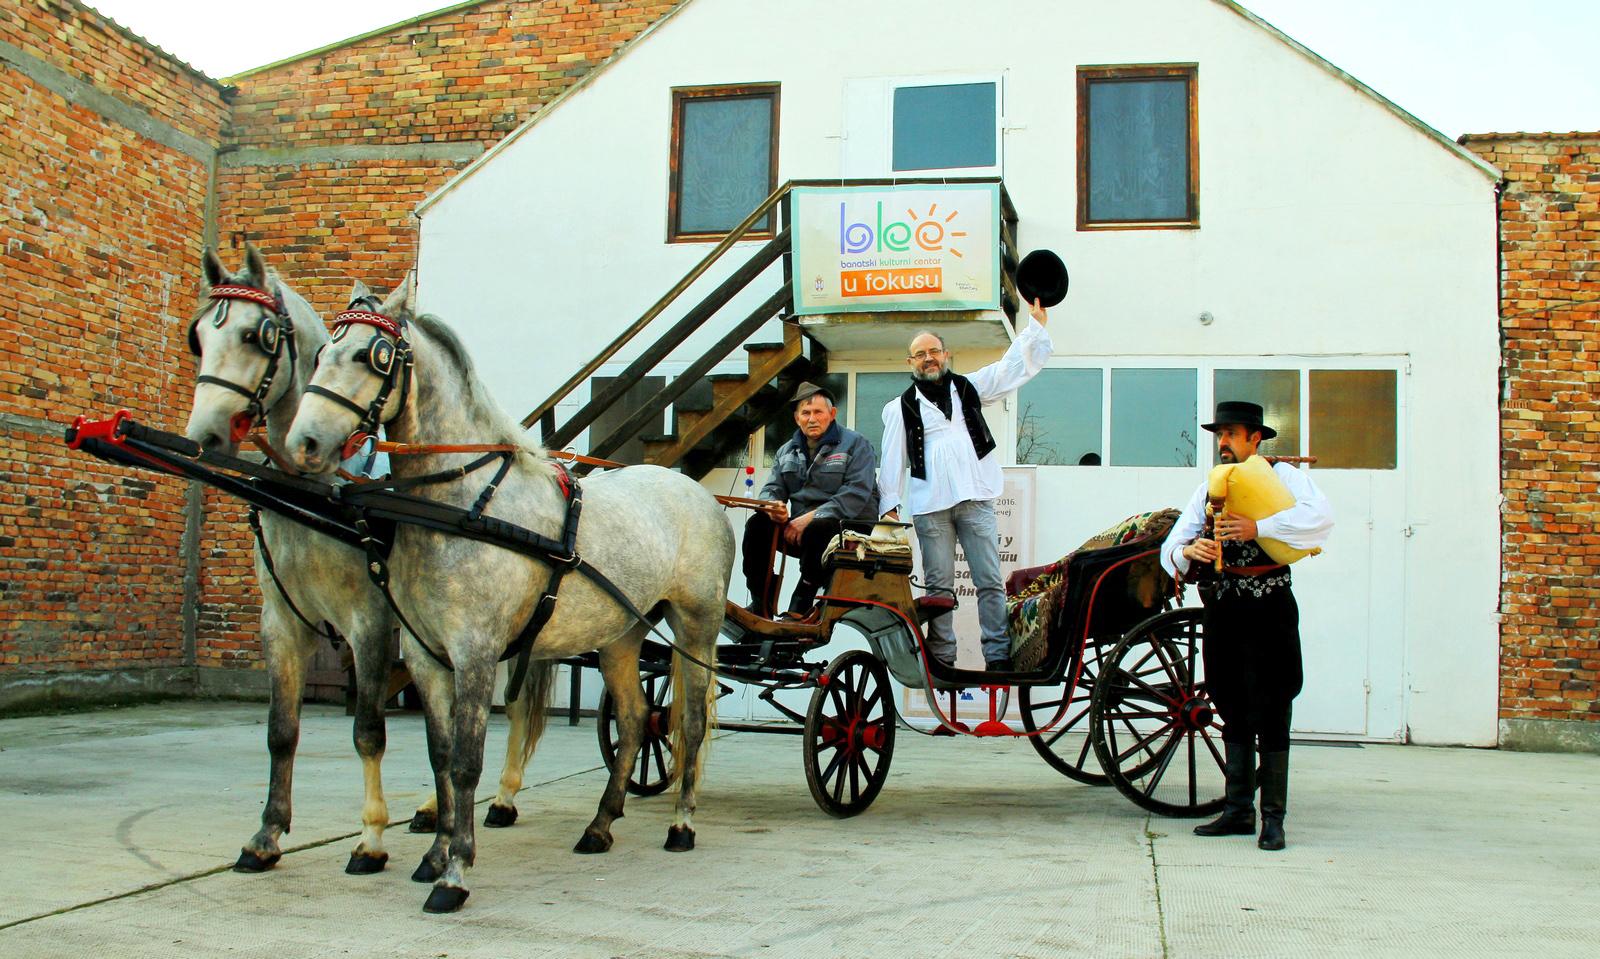 26-11-predsednik-grabovac-i-gajdas-na-fijakeru